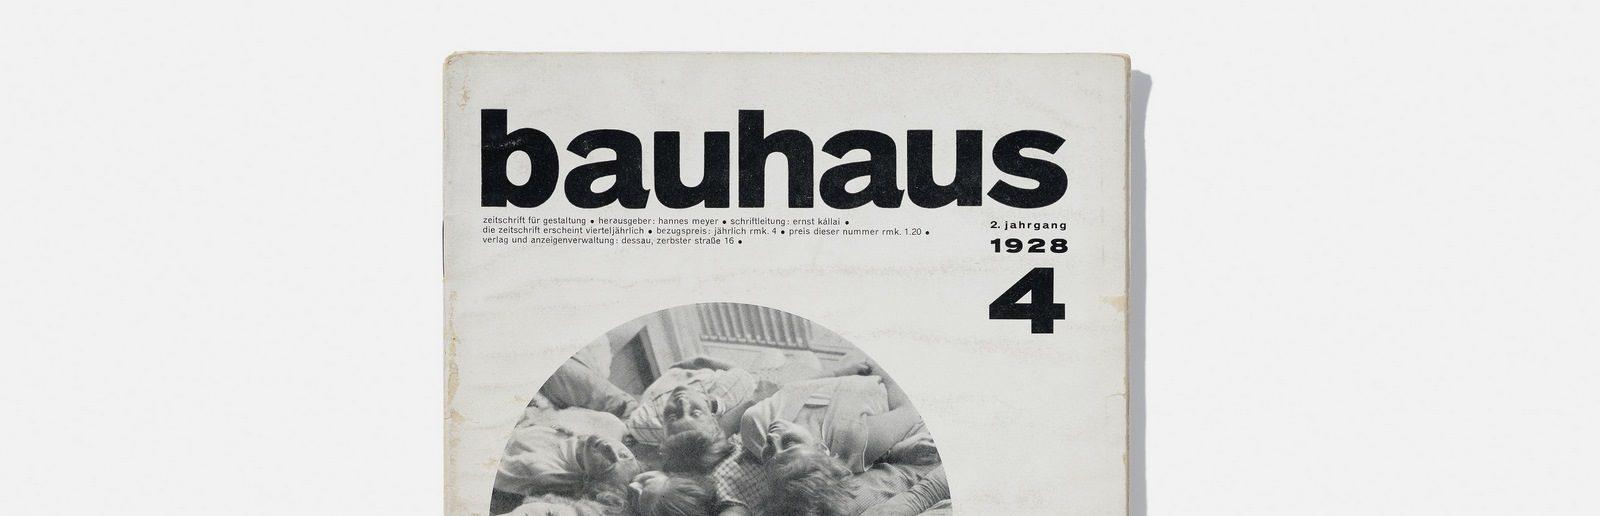 Revista de diseño editada por la Bauhaus a cargo de Hannes Meyer (responsable de contenidos) y Ernst Kállai (secretario de redacción), 1928.  Foto: A. Körner (bildhübsche Fotografie) / Gentileza ifa